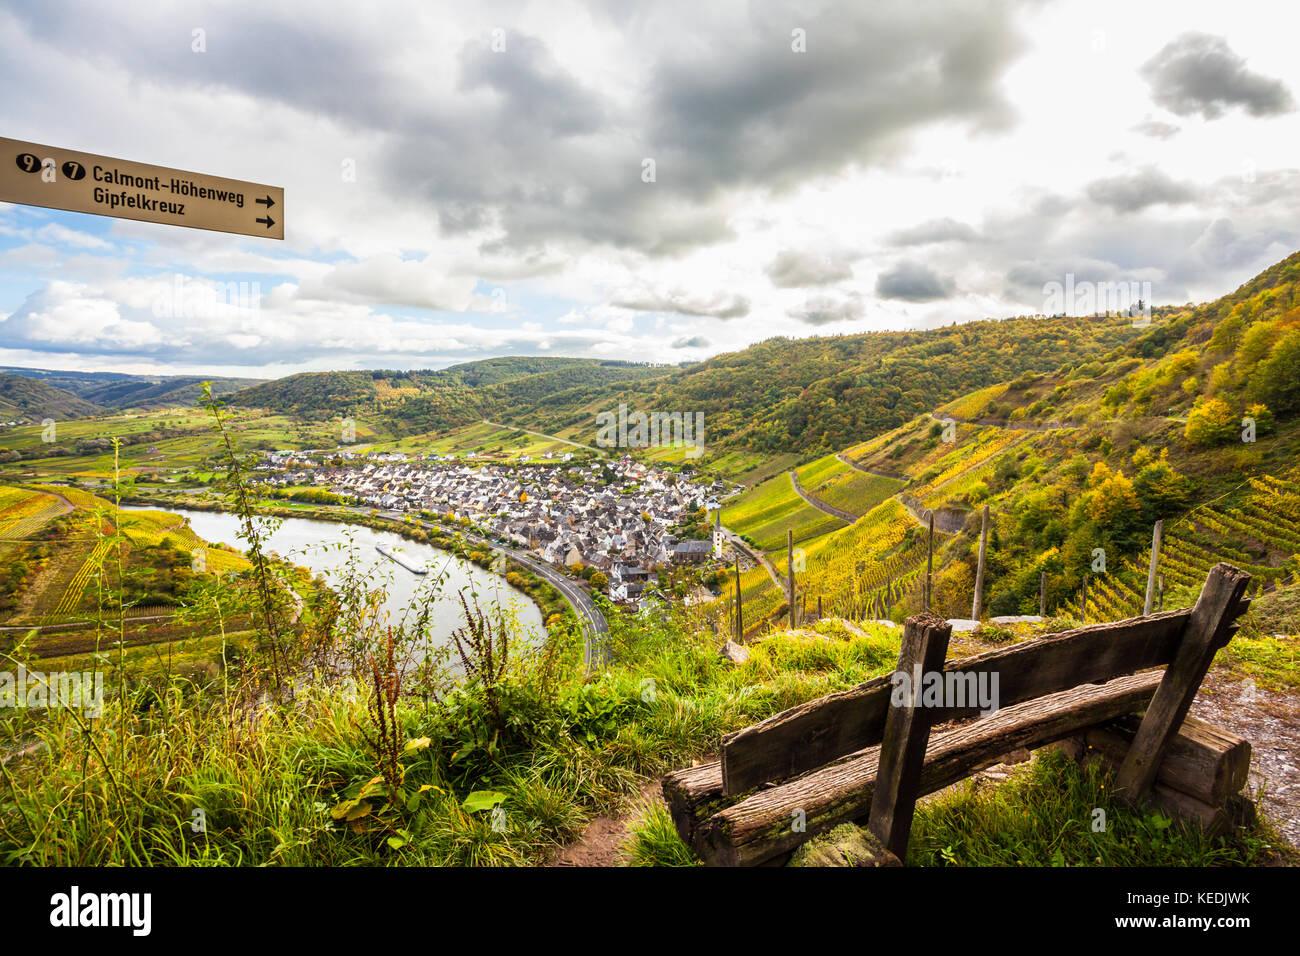 Klettersteig Mosel : Mosel herbst golden weinberge querformat von calmont klettersteig